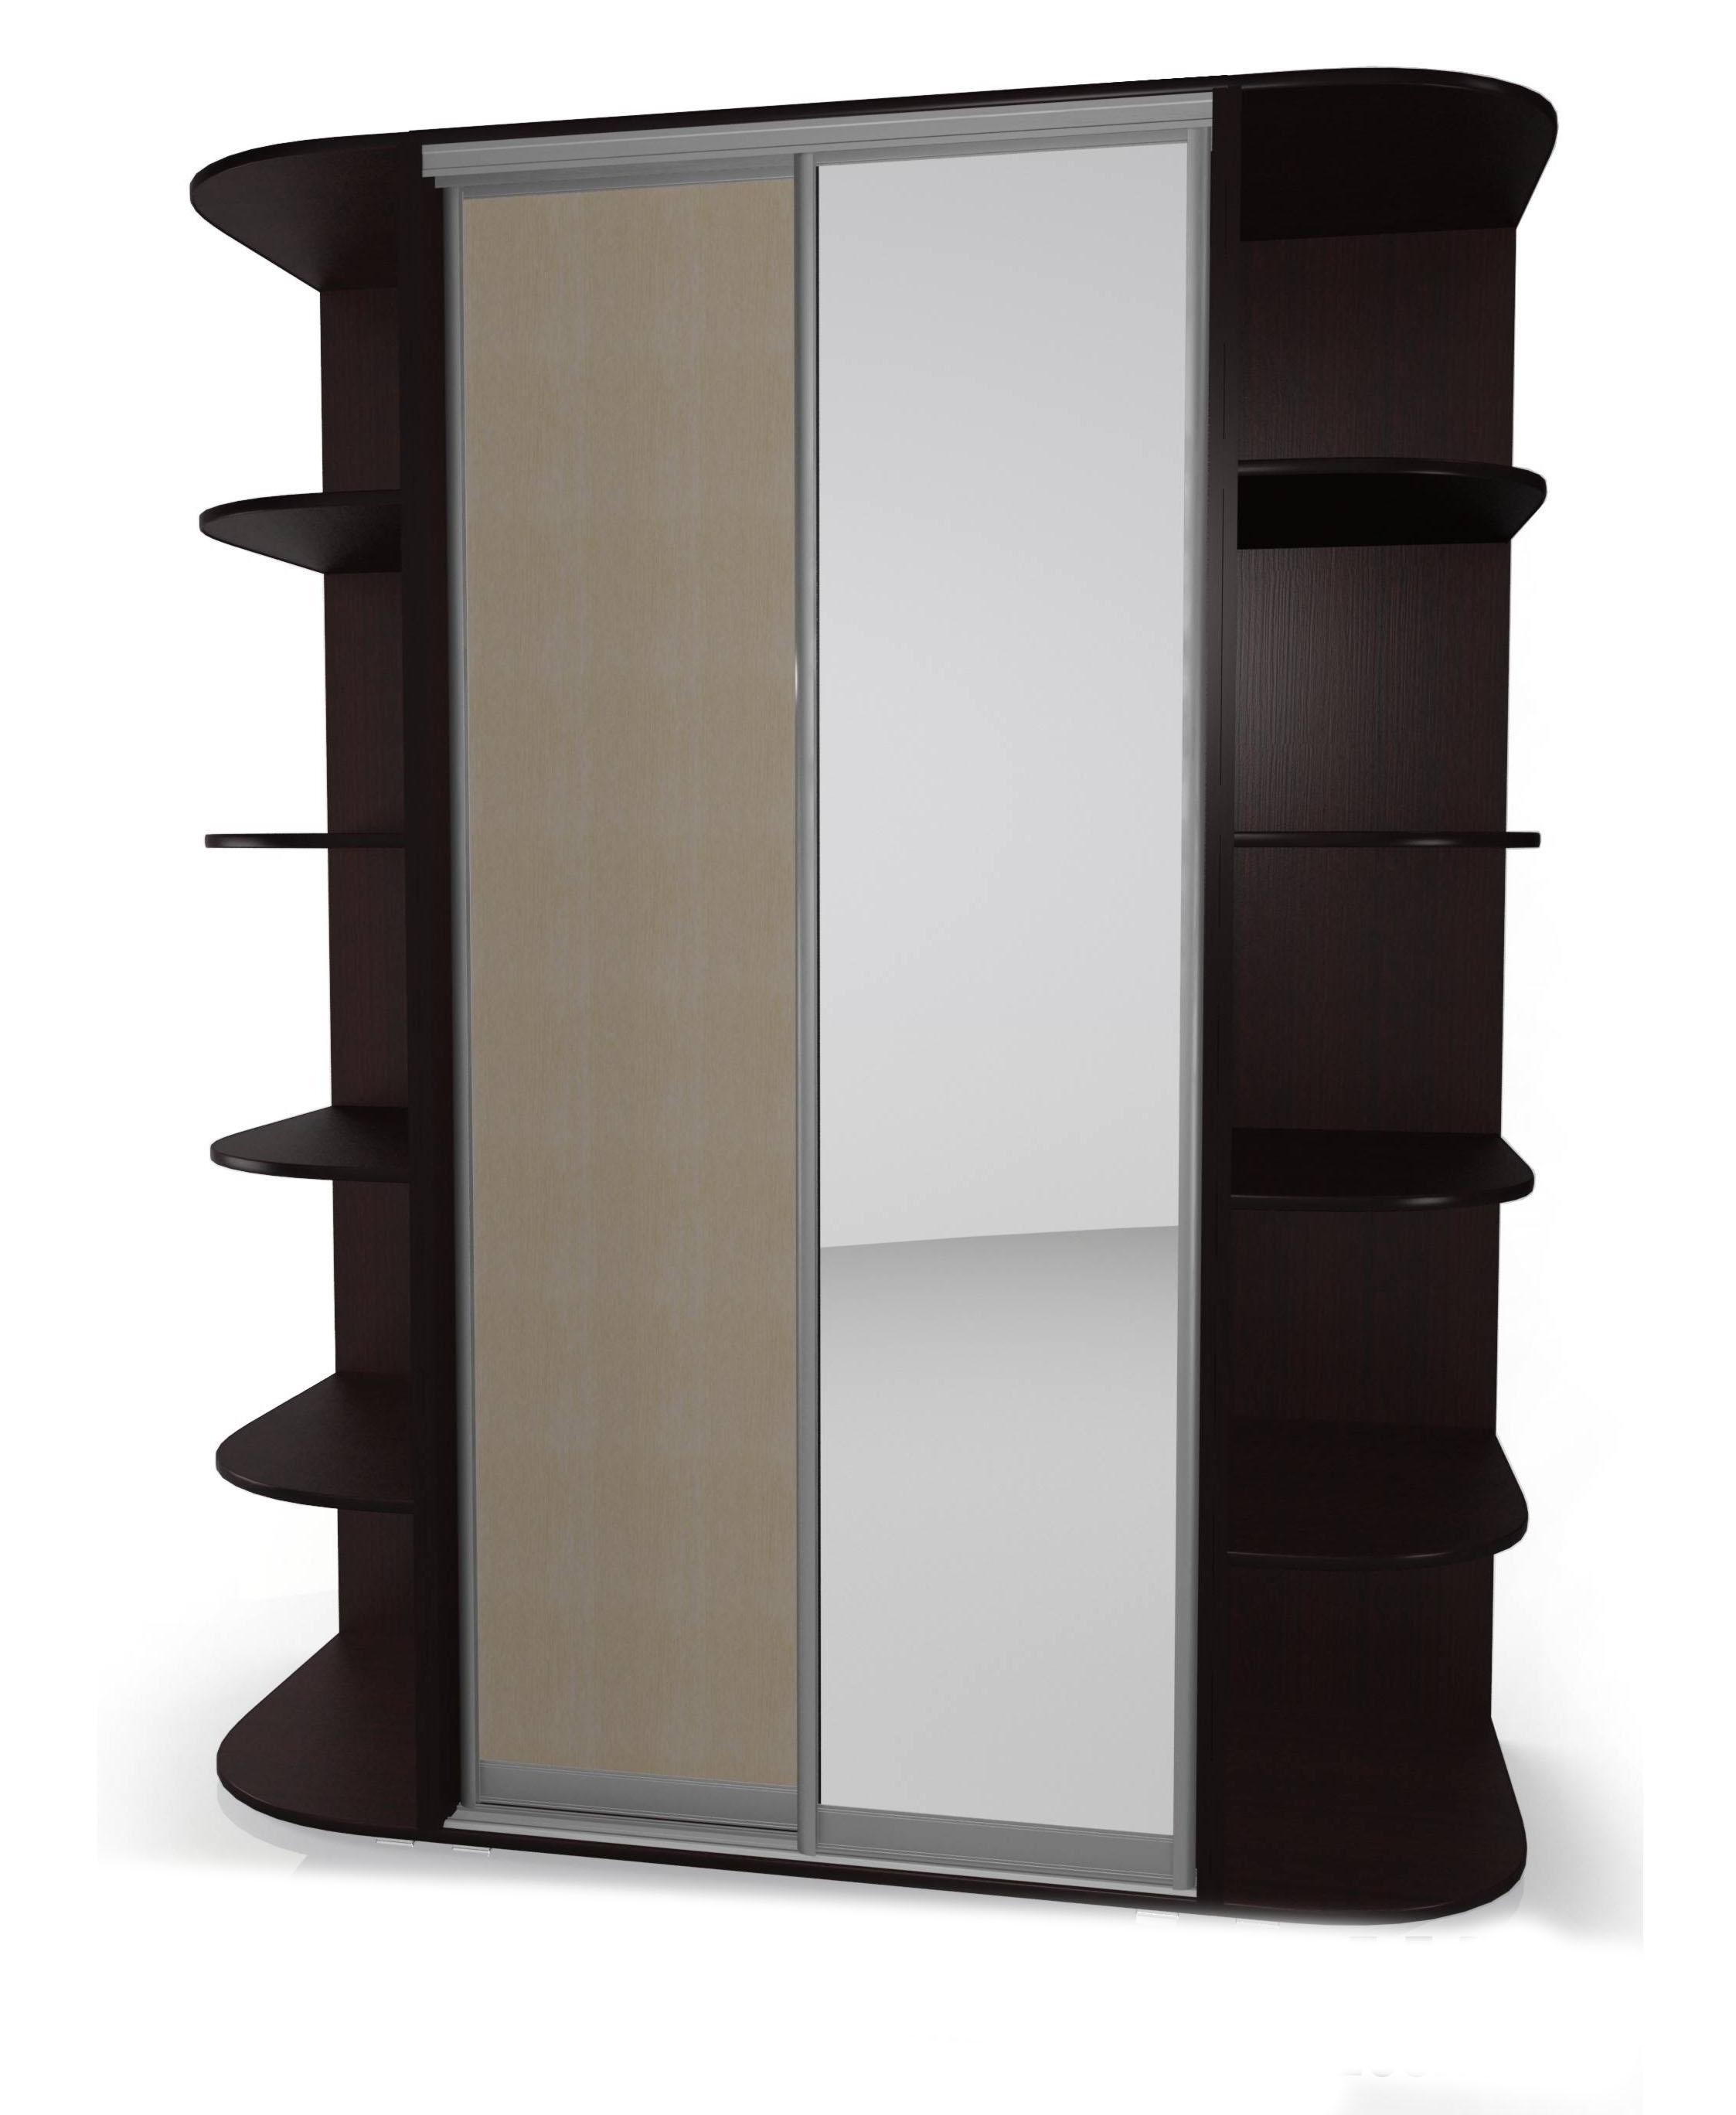 Шкаф-купе Мебелайн-11 шкаф купе мебелайн 18